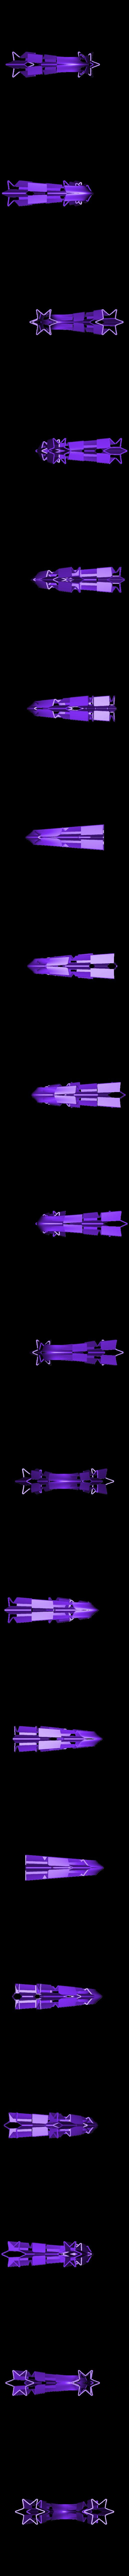 arcoiris_extr2.stl Télécharger fichier STL gratuit Calibrage de l'extrudeuse double • Objet à imprimer en 3D, saginau